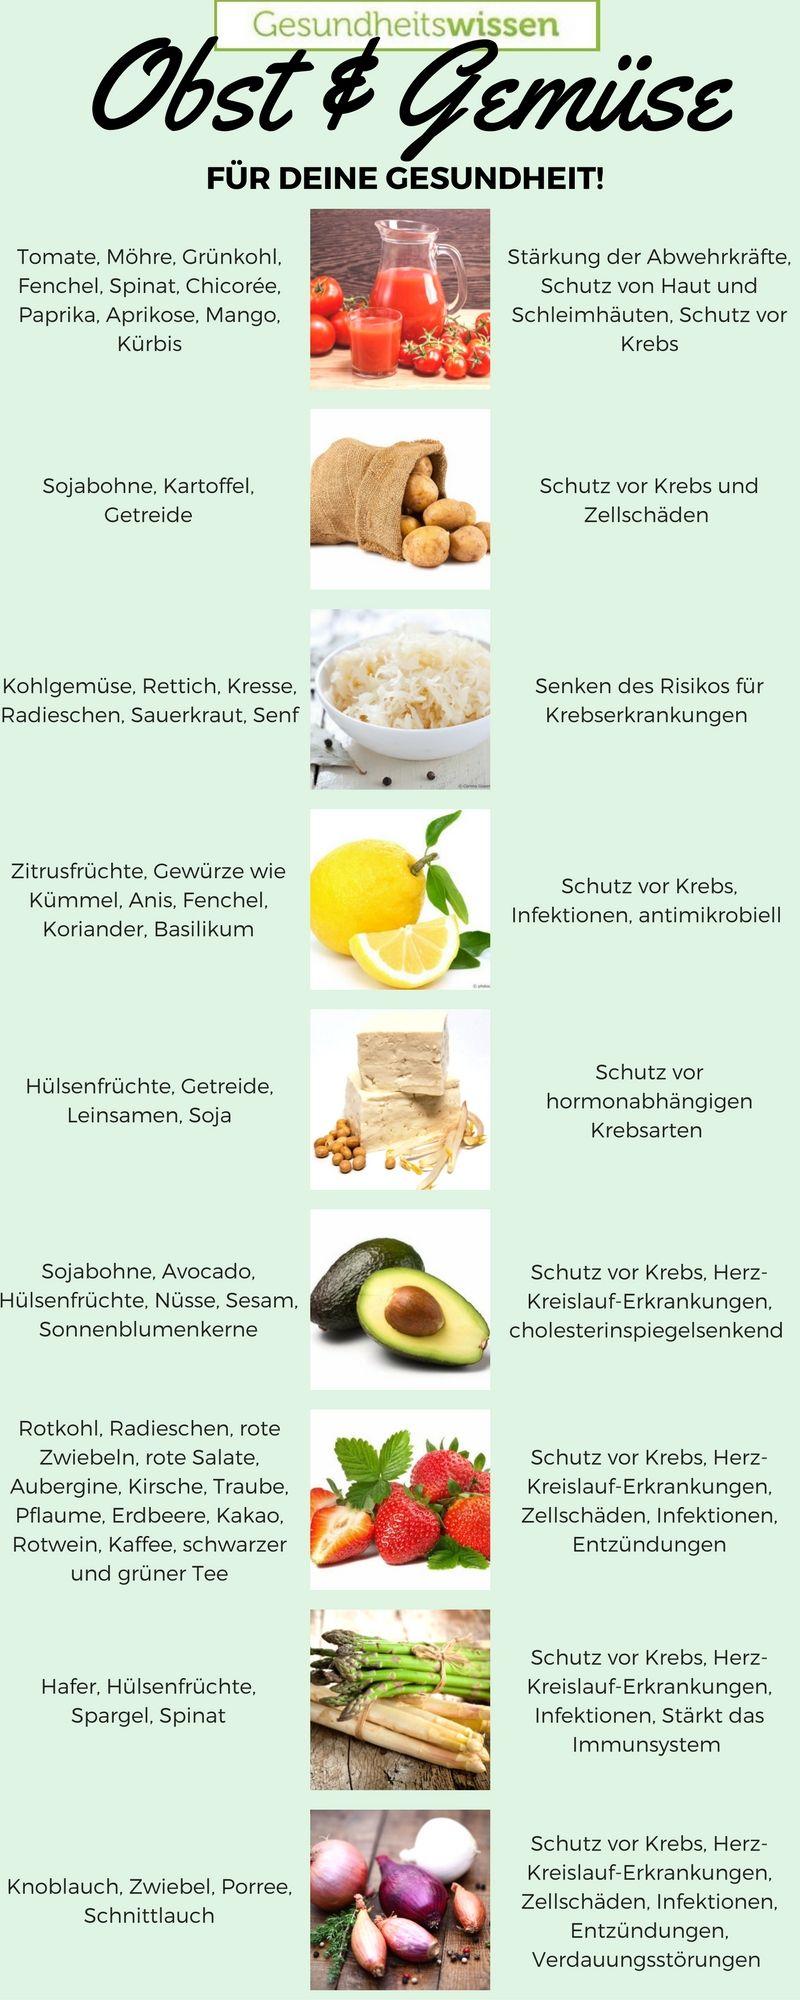 Wenn man schon eine Obst und Gemüse-Diät machen will, kann man auch sein Wissen darüber versuchen, zu erweitern. Weißt Du, was genau der Unterschied zwischen Gemüse und Obst ist? Manchmal sind die Grenzen gar nicht so eindeutig, wie man glaubt. Oder zählst Du Nüsse zu Obst? Oder eine Avocado zu Gemüse? Hier siehst Du, was Du alles Gutes für Deinen Körper tun kannst: allein mit der Hilfe von Obst und Gemüse. Diät halten wird dadurch direkt einfacher! #obstgemüse